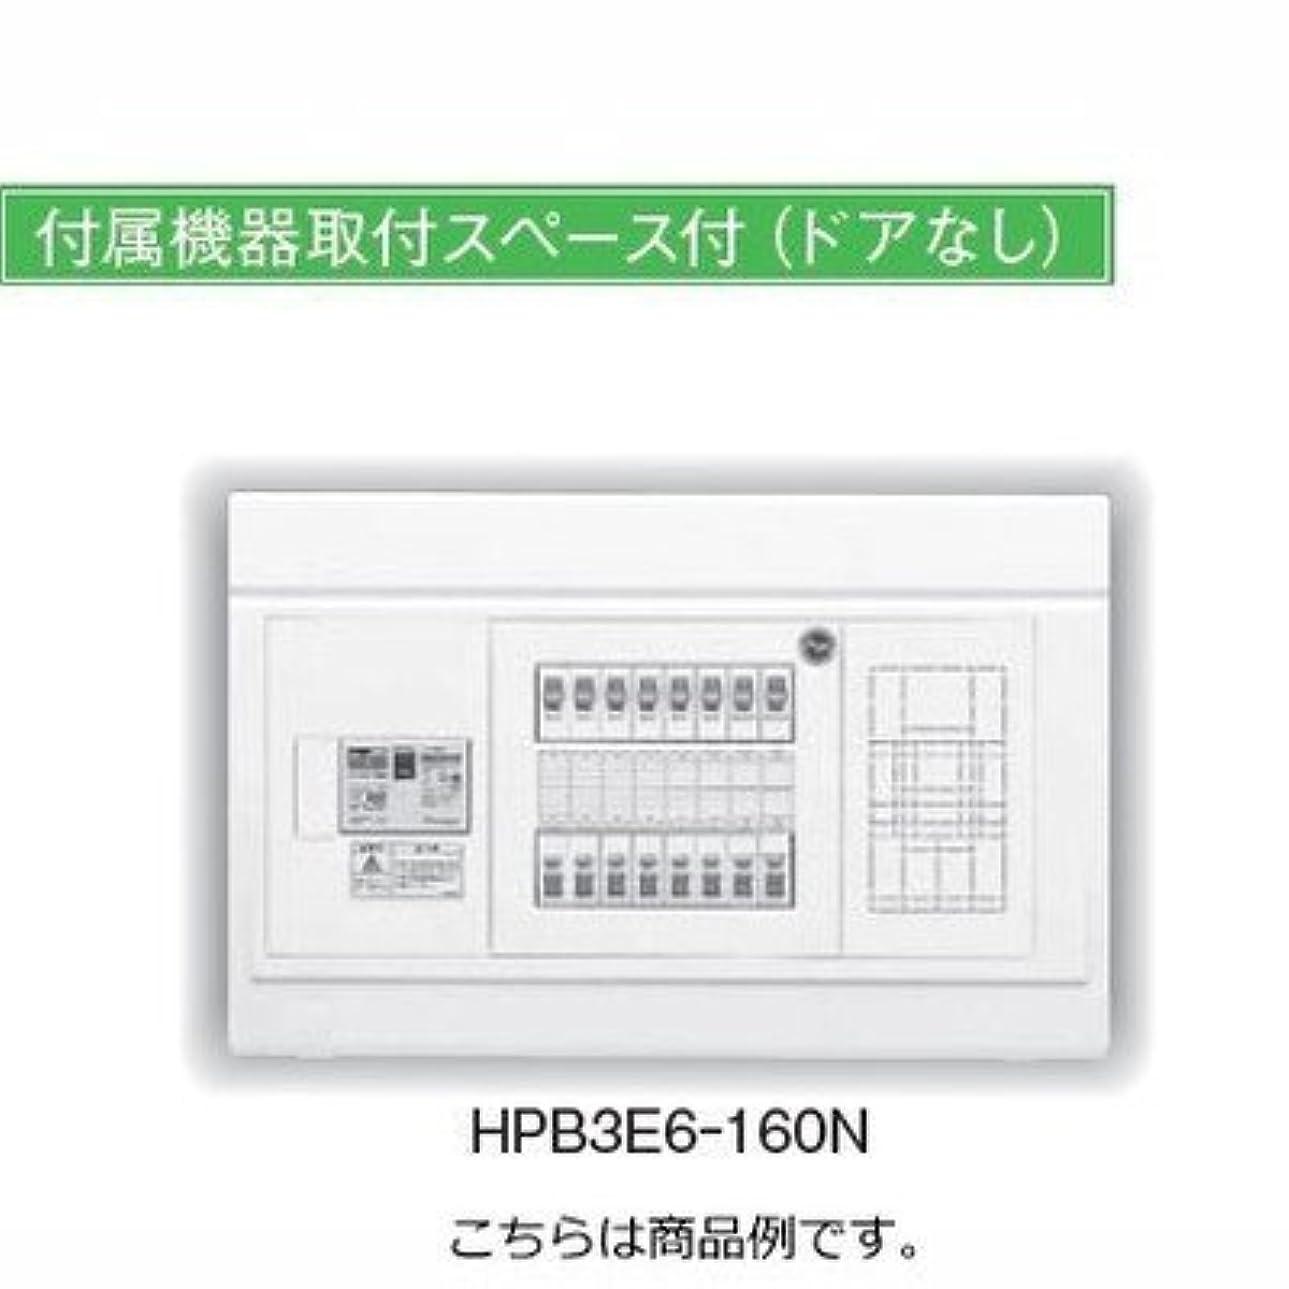 引き付ける人質戸棚日東工業 HPB3E10-164N ホーム分電盤 HPB形 リミッタースペース無 主幹100A 分岐16+4 ドア無 付属機器取付スペース付